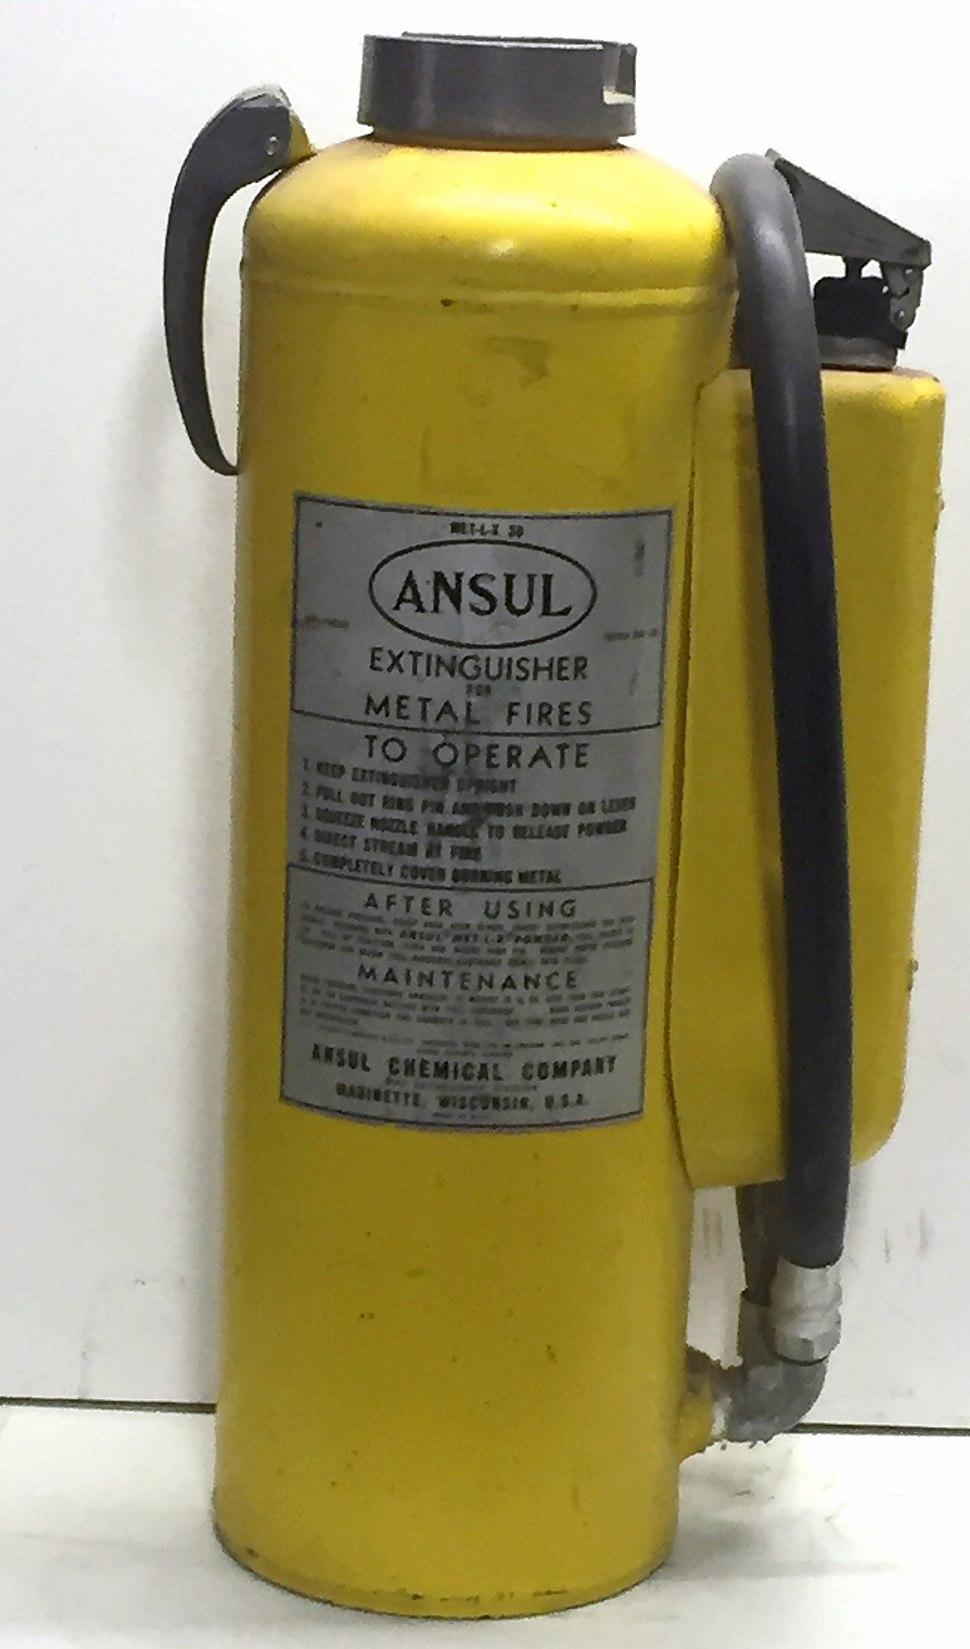 Met-L-X fire extinguisher, 1950s